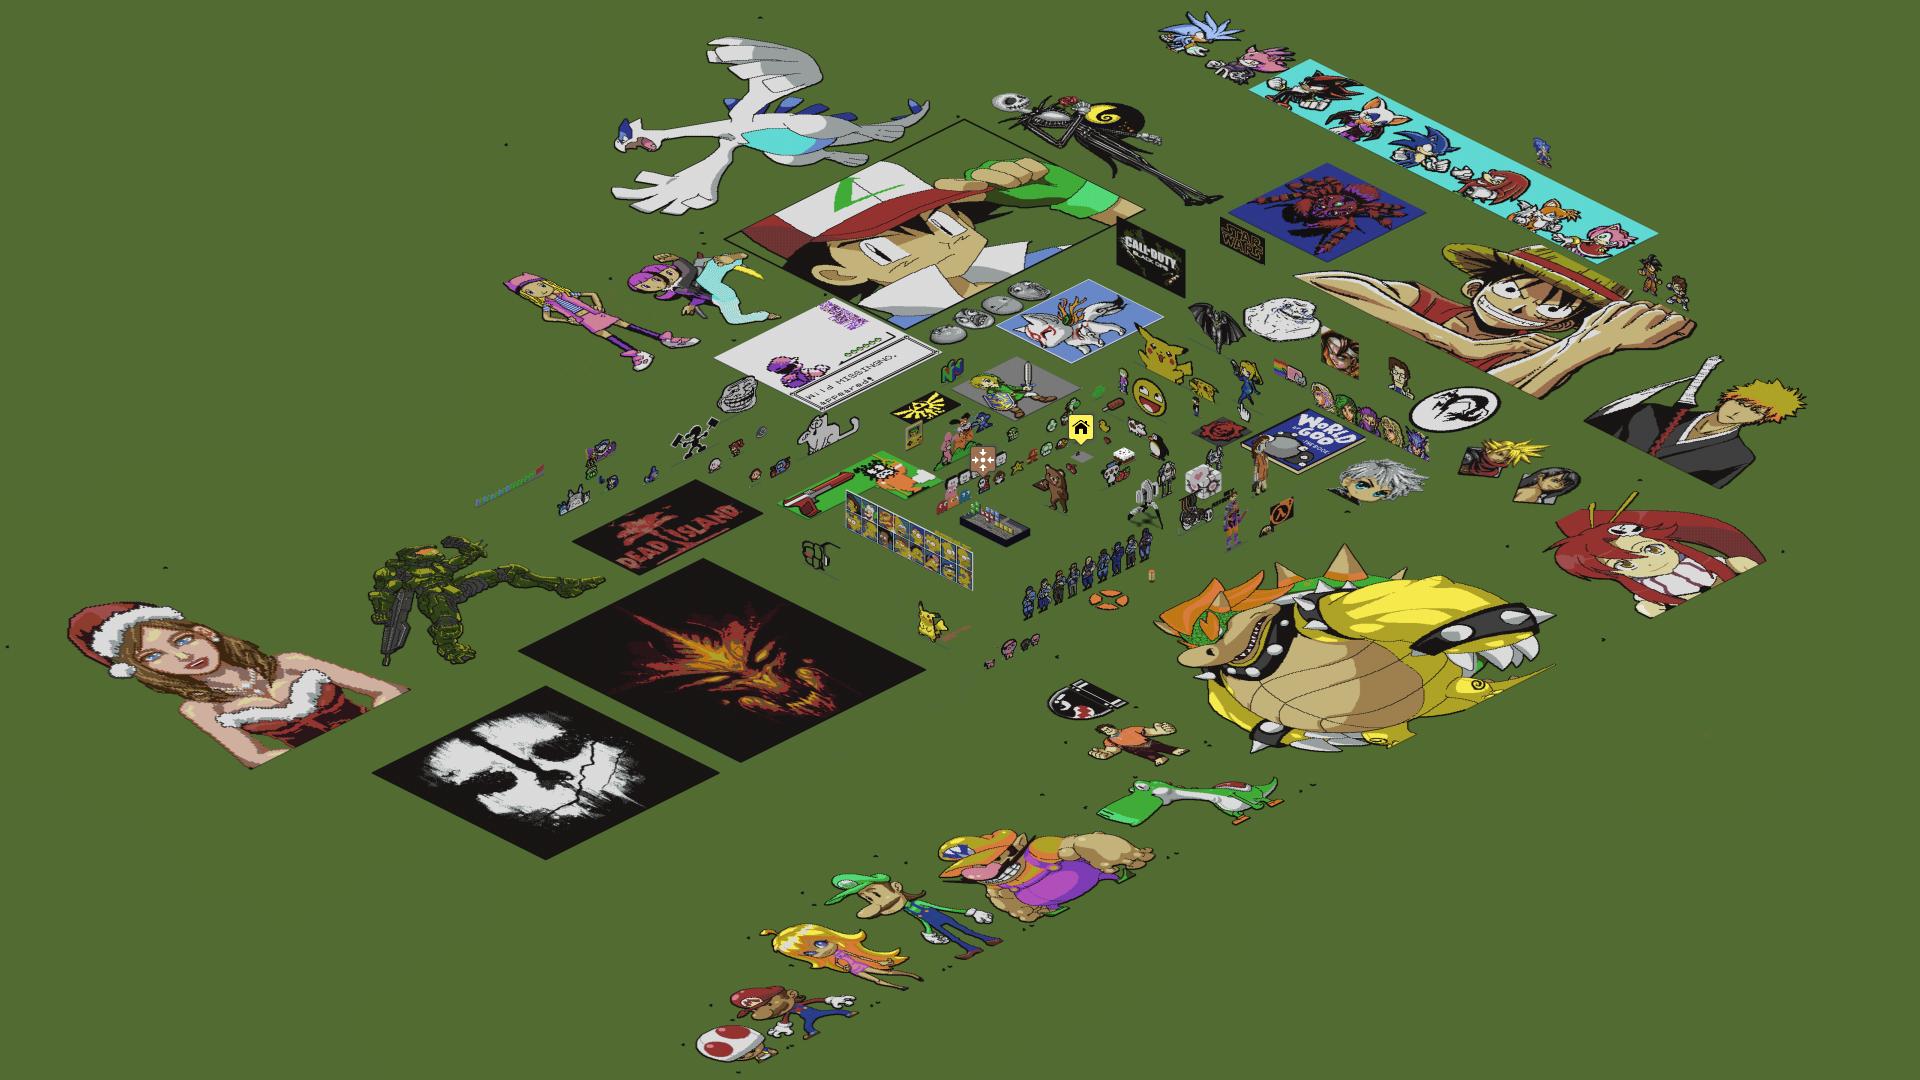 ... Minecraft   My Pixel Art World By Luk01